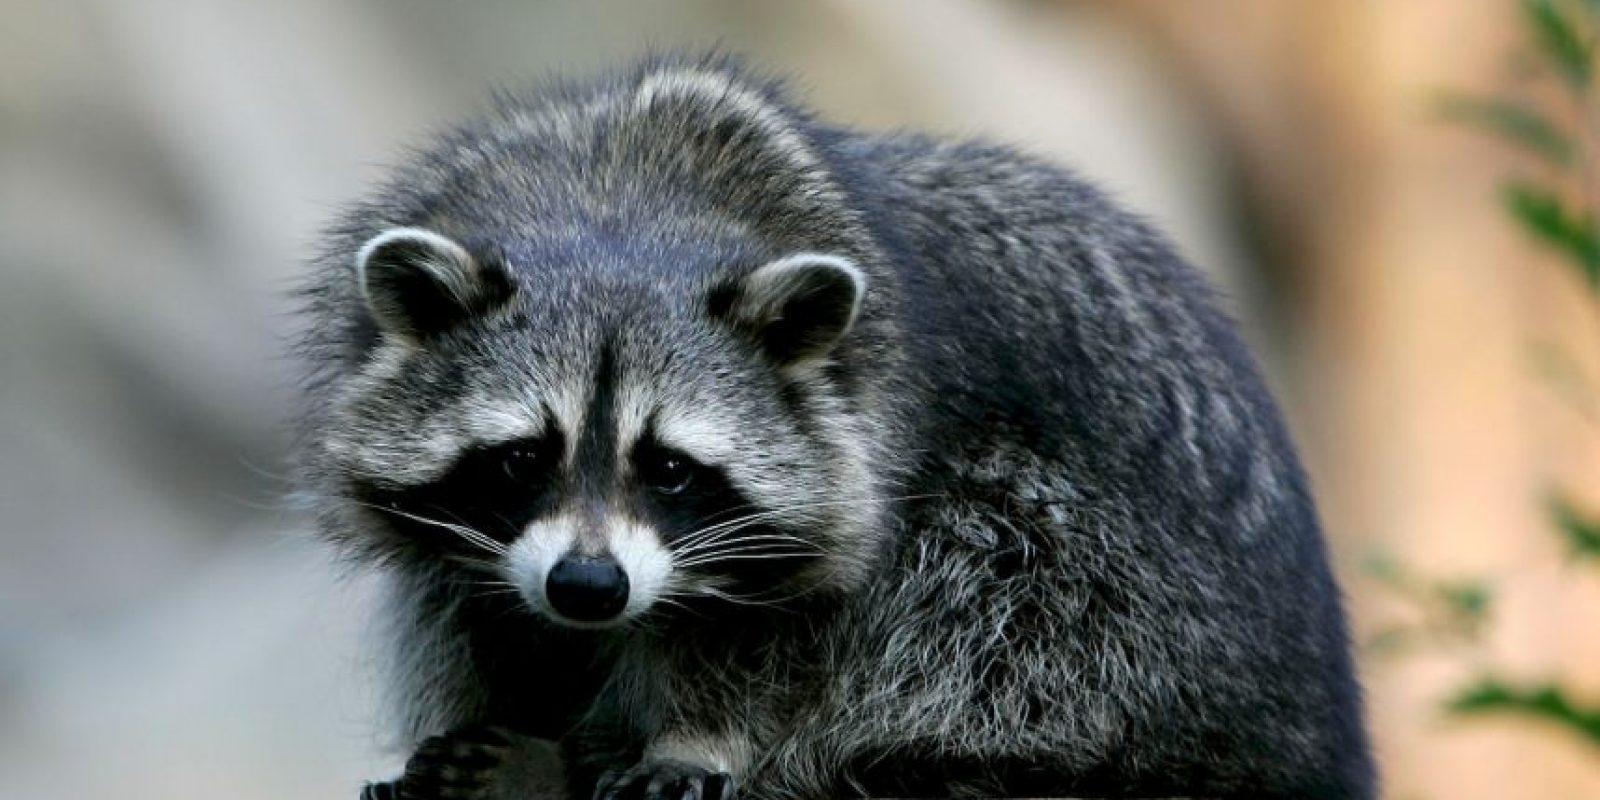 El mapache es un mamífero también conocido como mapache boreal o mapache común, dado que es la especie más conocida del género Procyon Foto:Getty Images